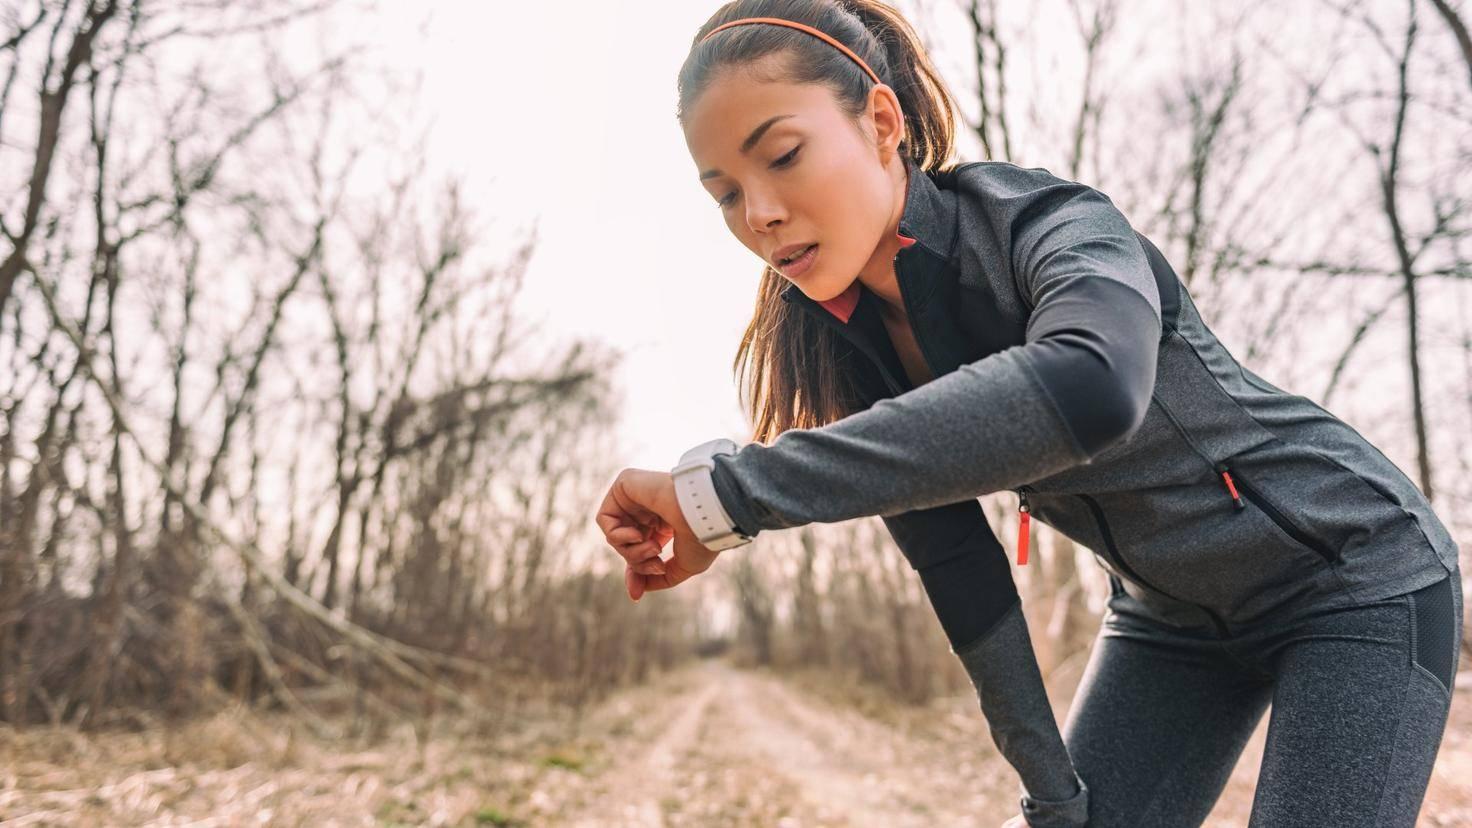 Joggerin schaut beim Sport auf ihre Smartwatch